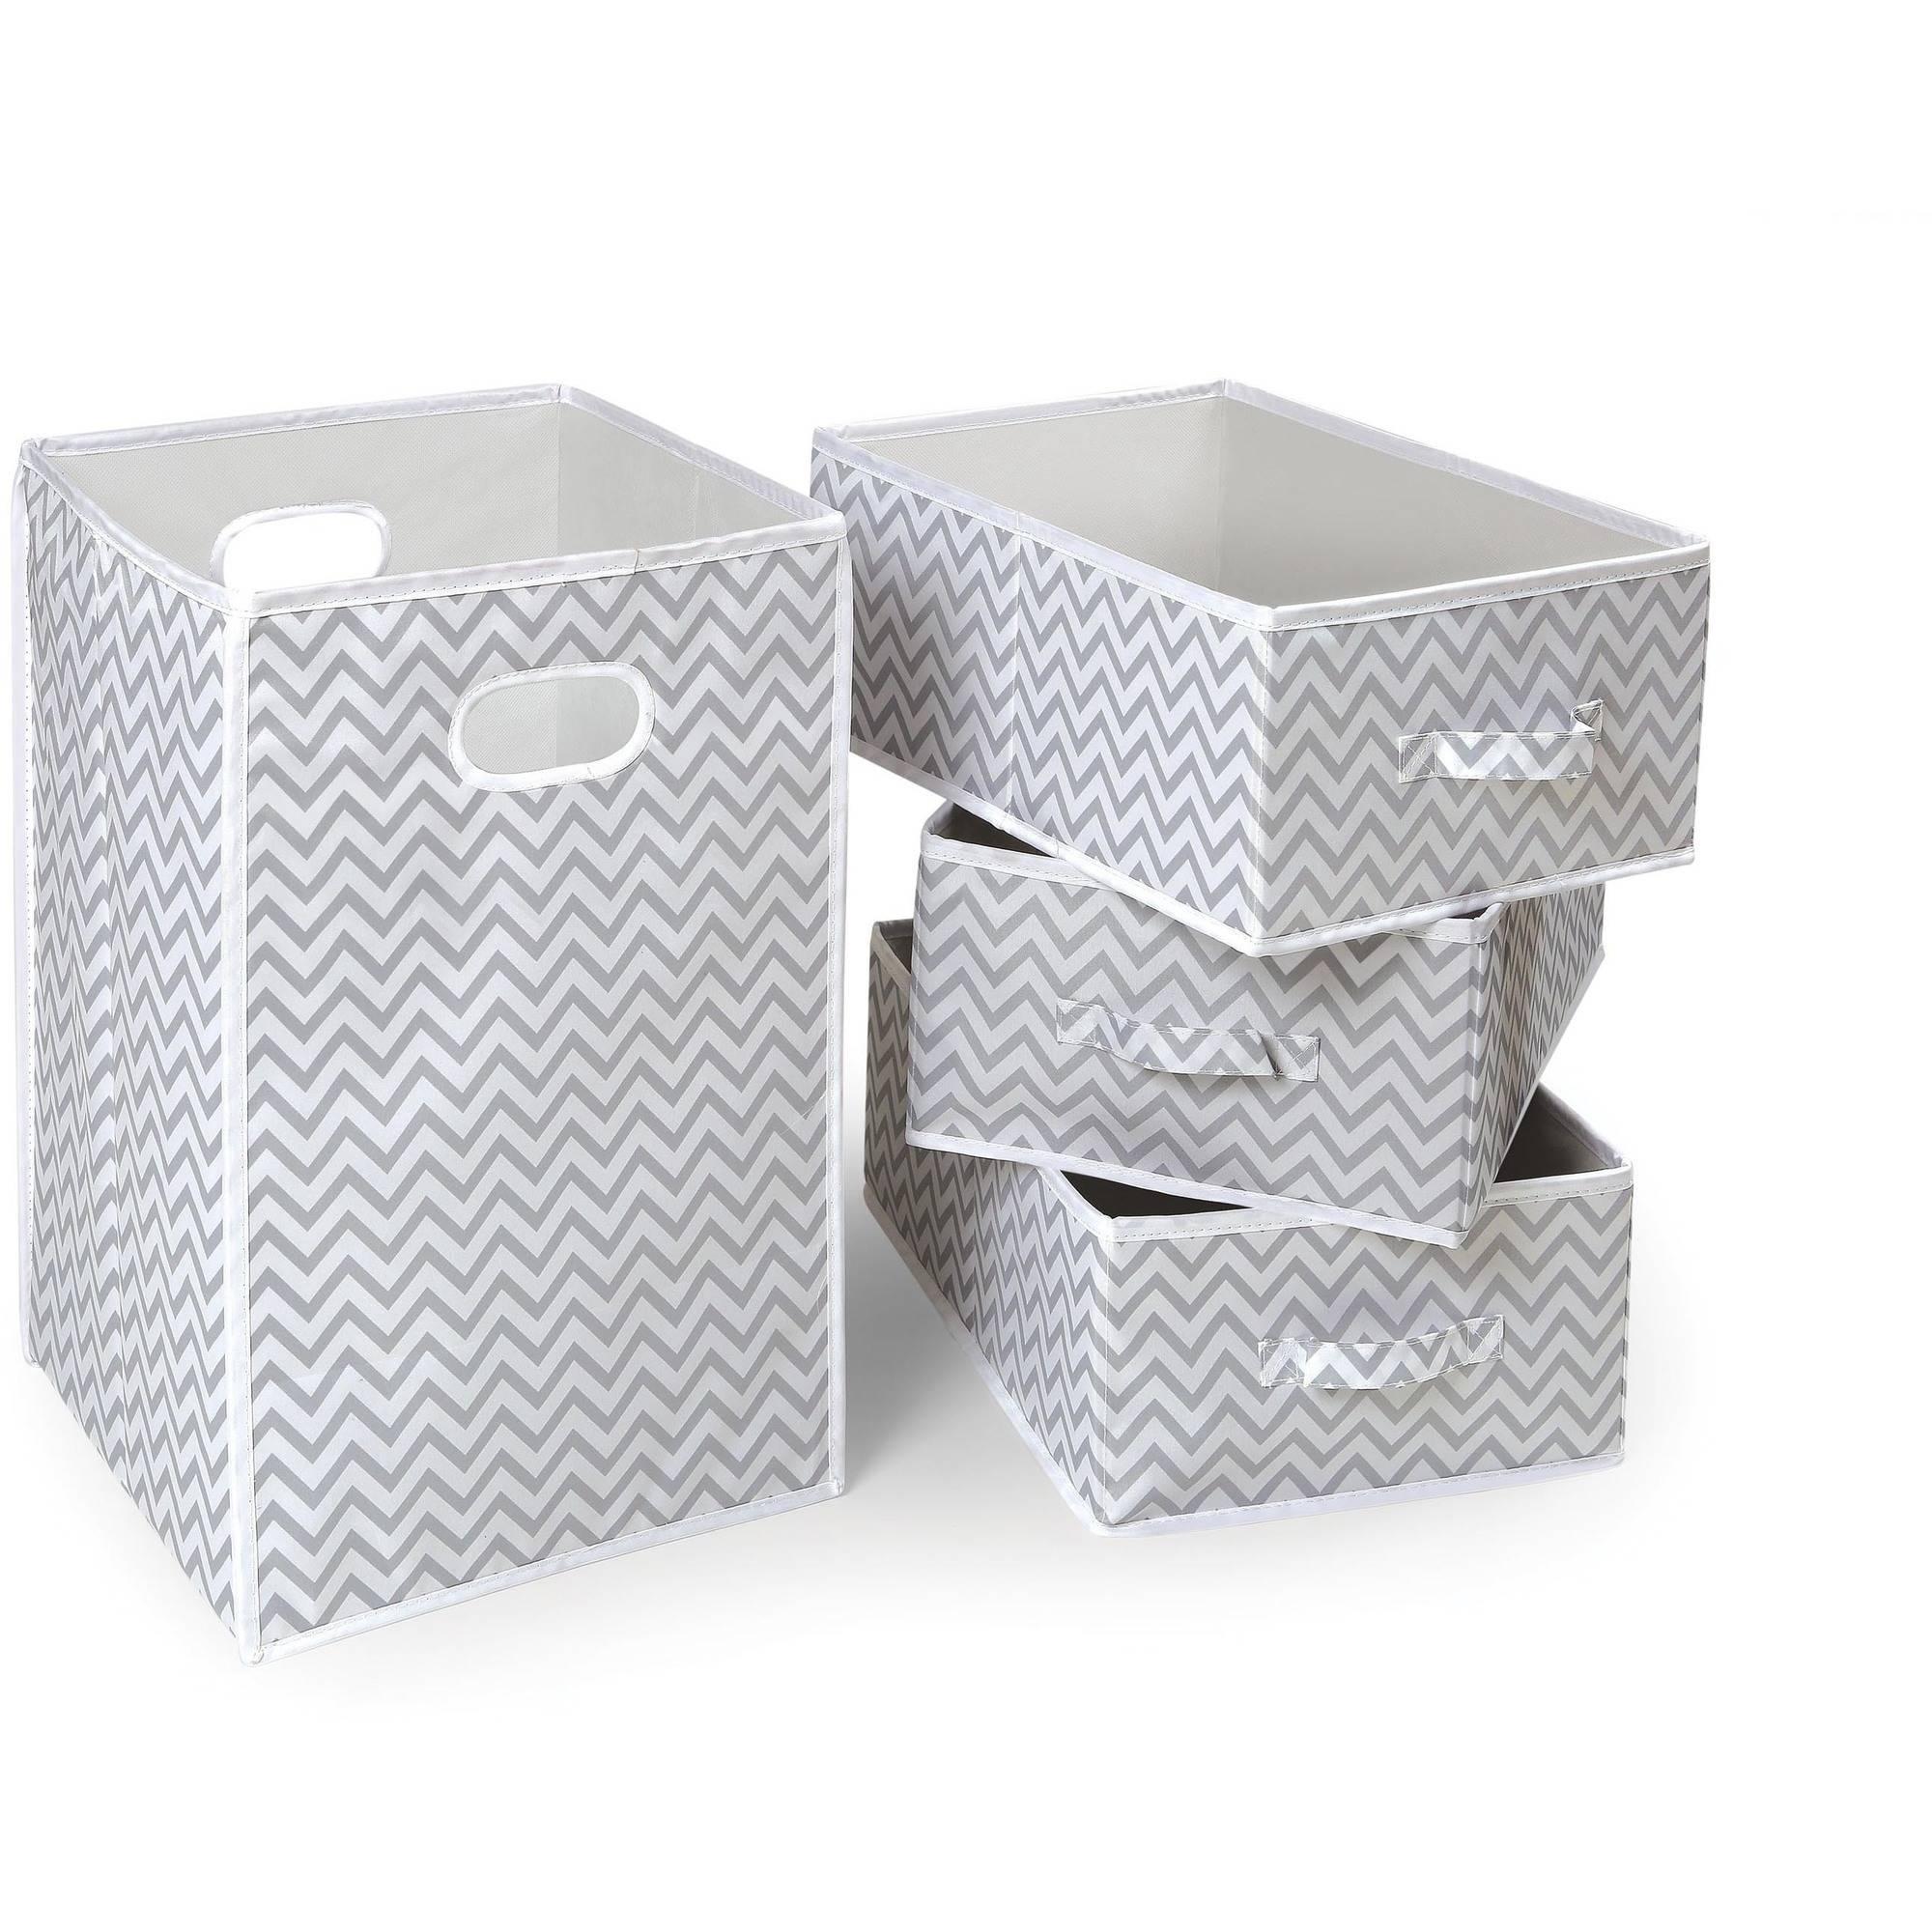 Badger Basket Folding Hamper and 3-Basket Set, Gray Chevron